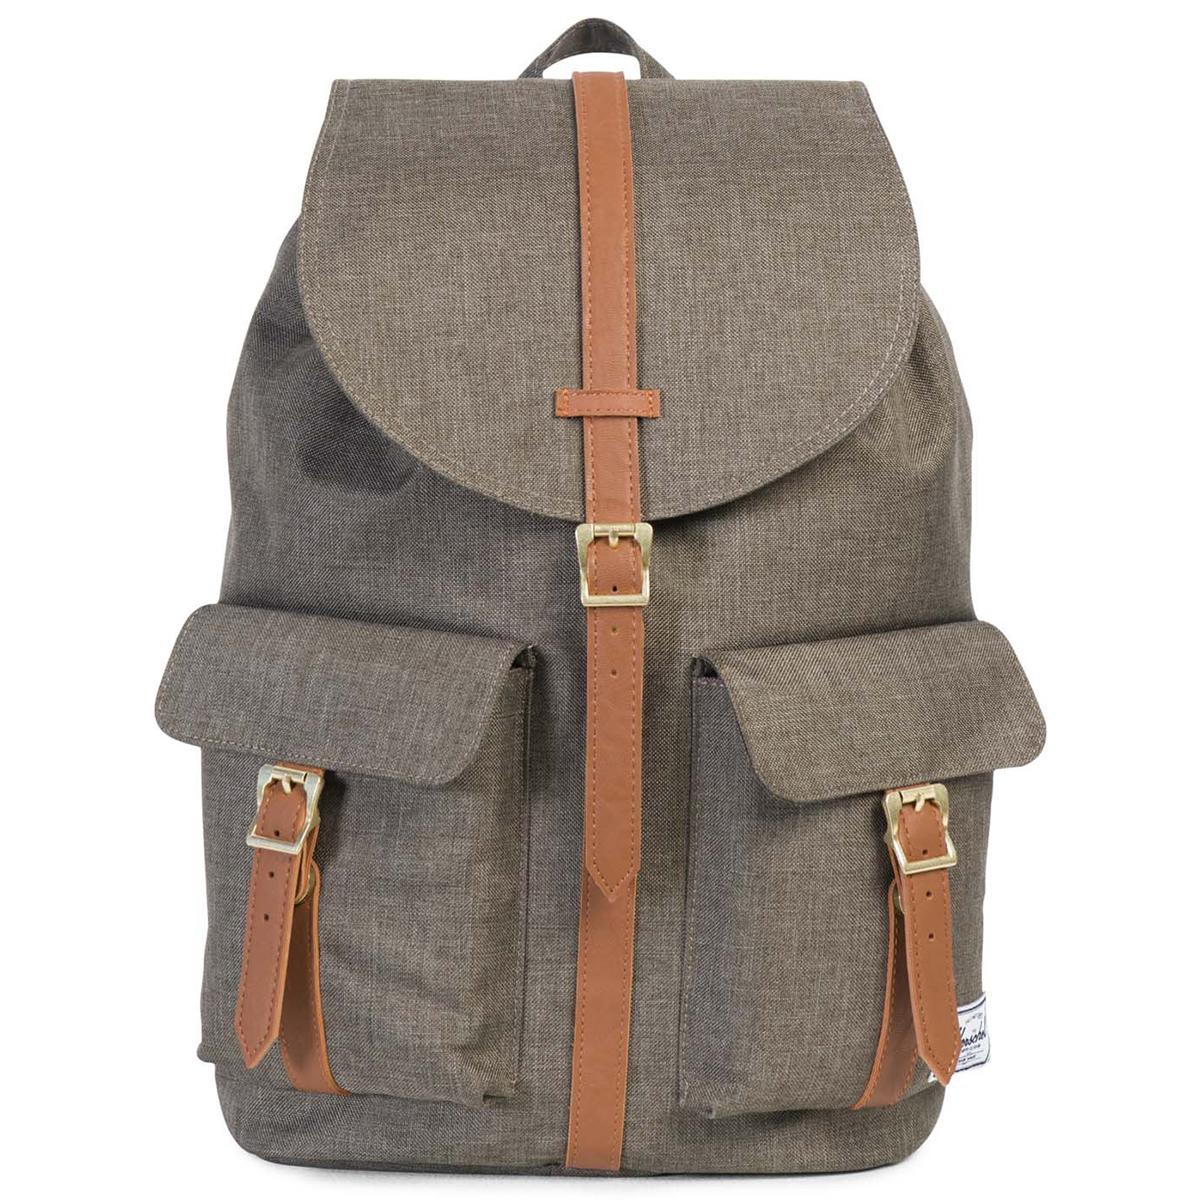 Рюкзак городской Herschel Dawson (A/S), цвет: хаки. 828432122608ГризлиРюкзак Herschel Dawson ™ функциональный и вместительный, создан для разведки. Удобные внешние карманы.